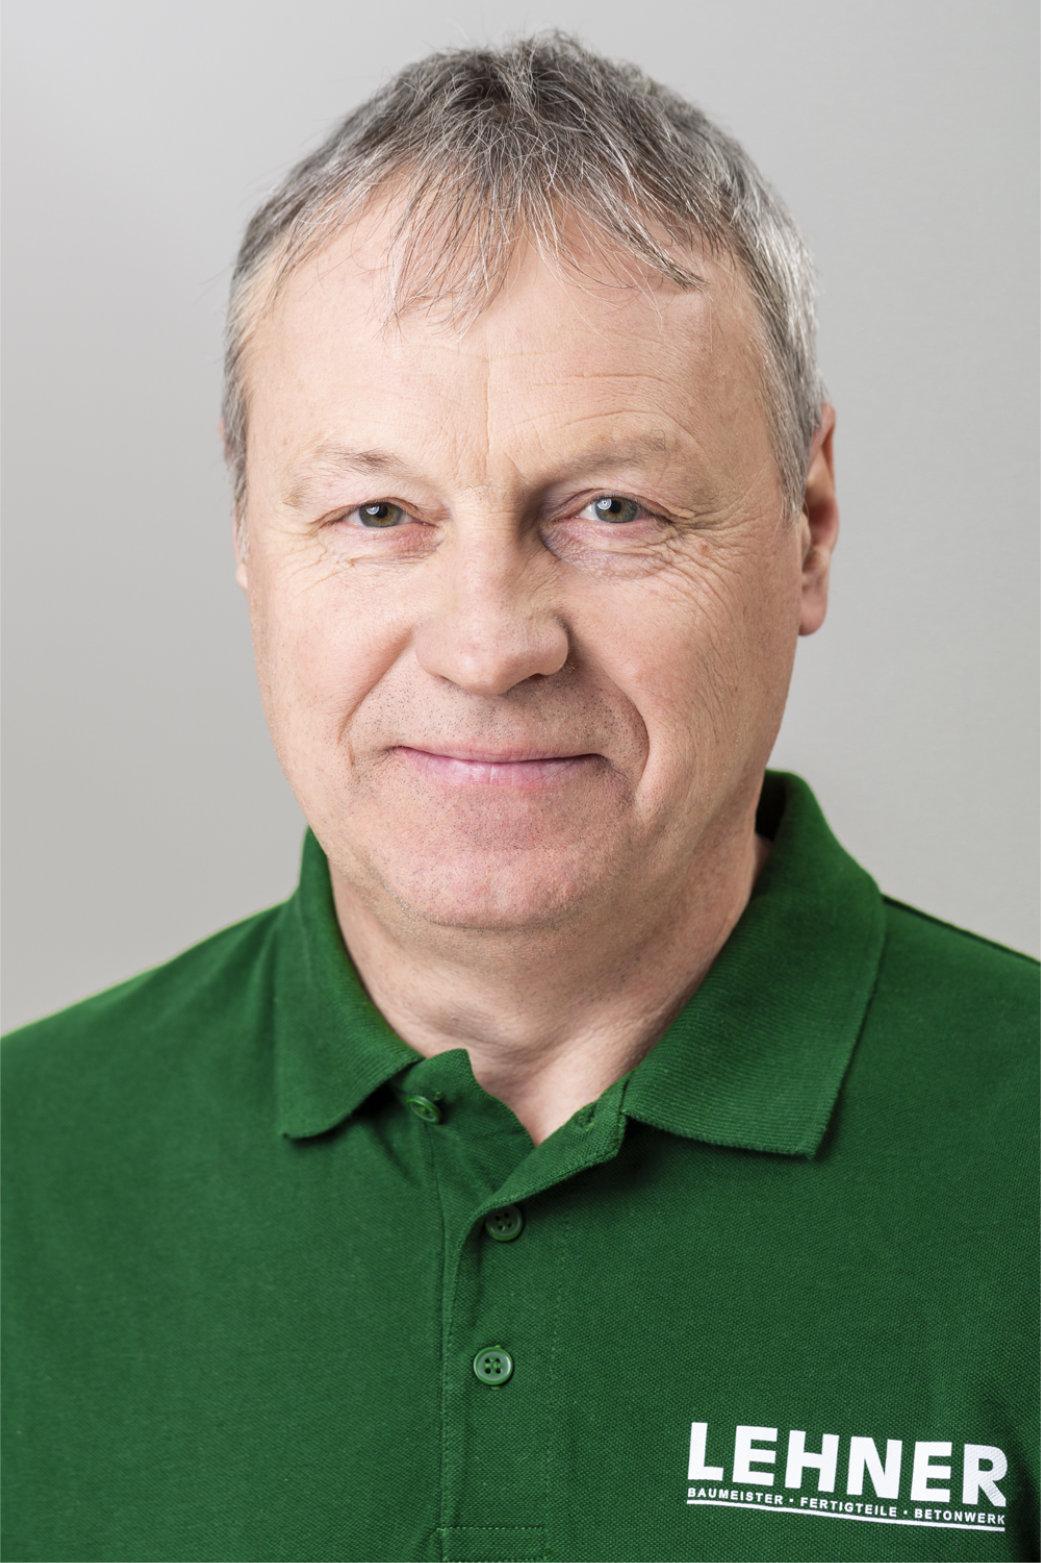 Josef Schweighofer